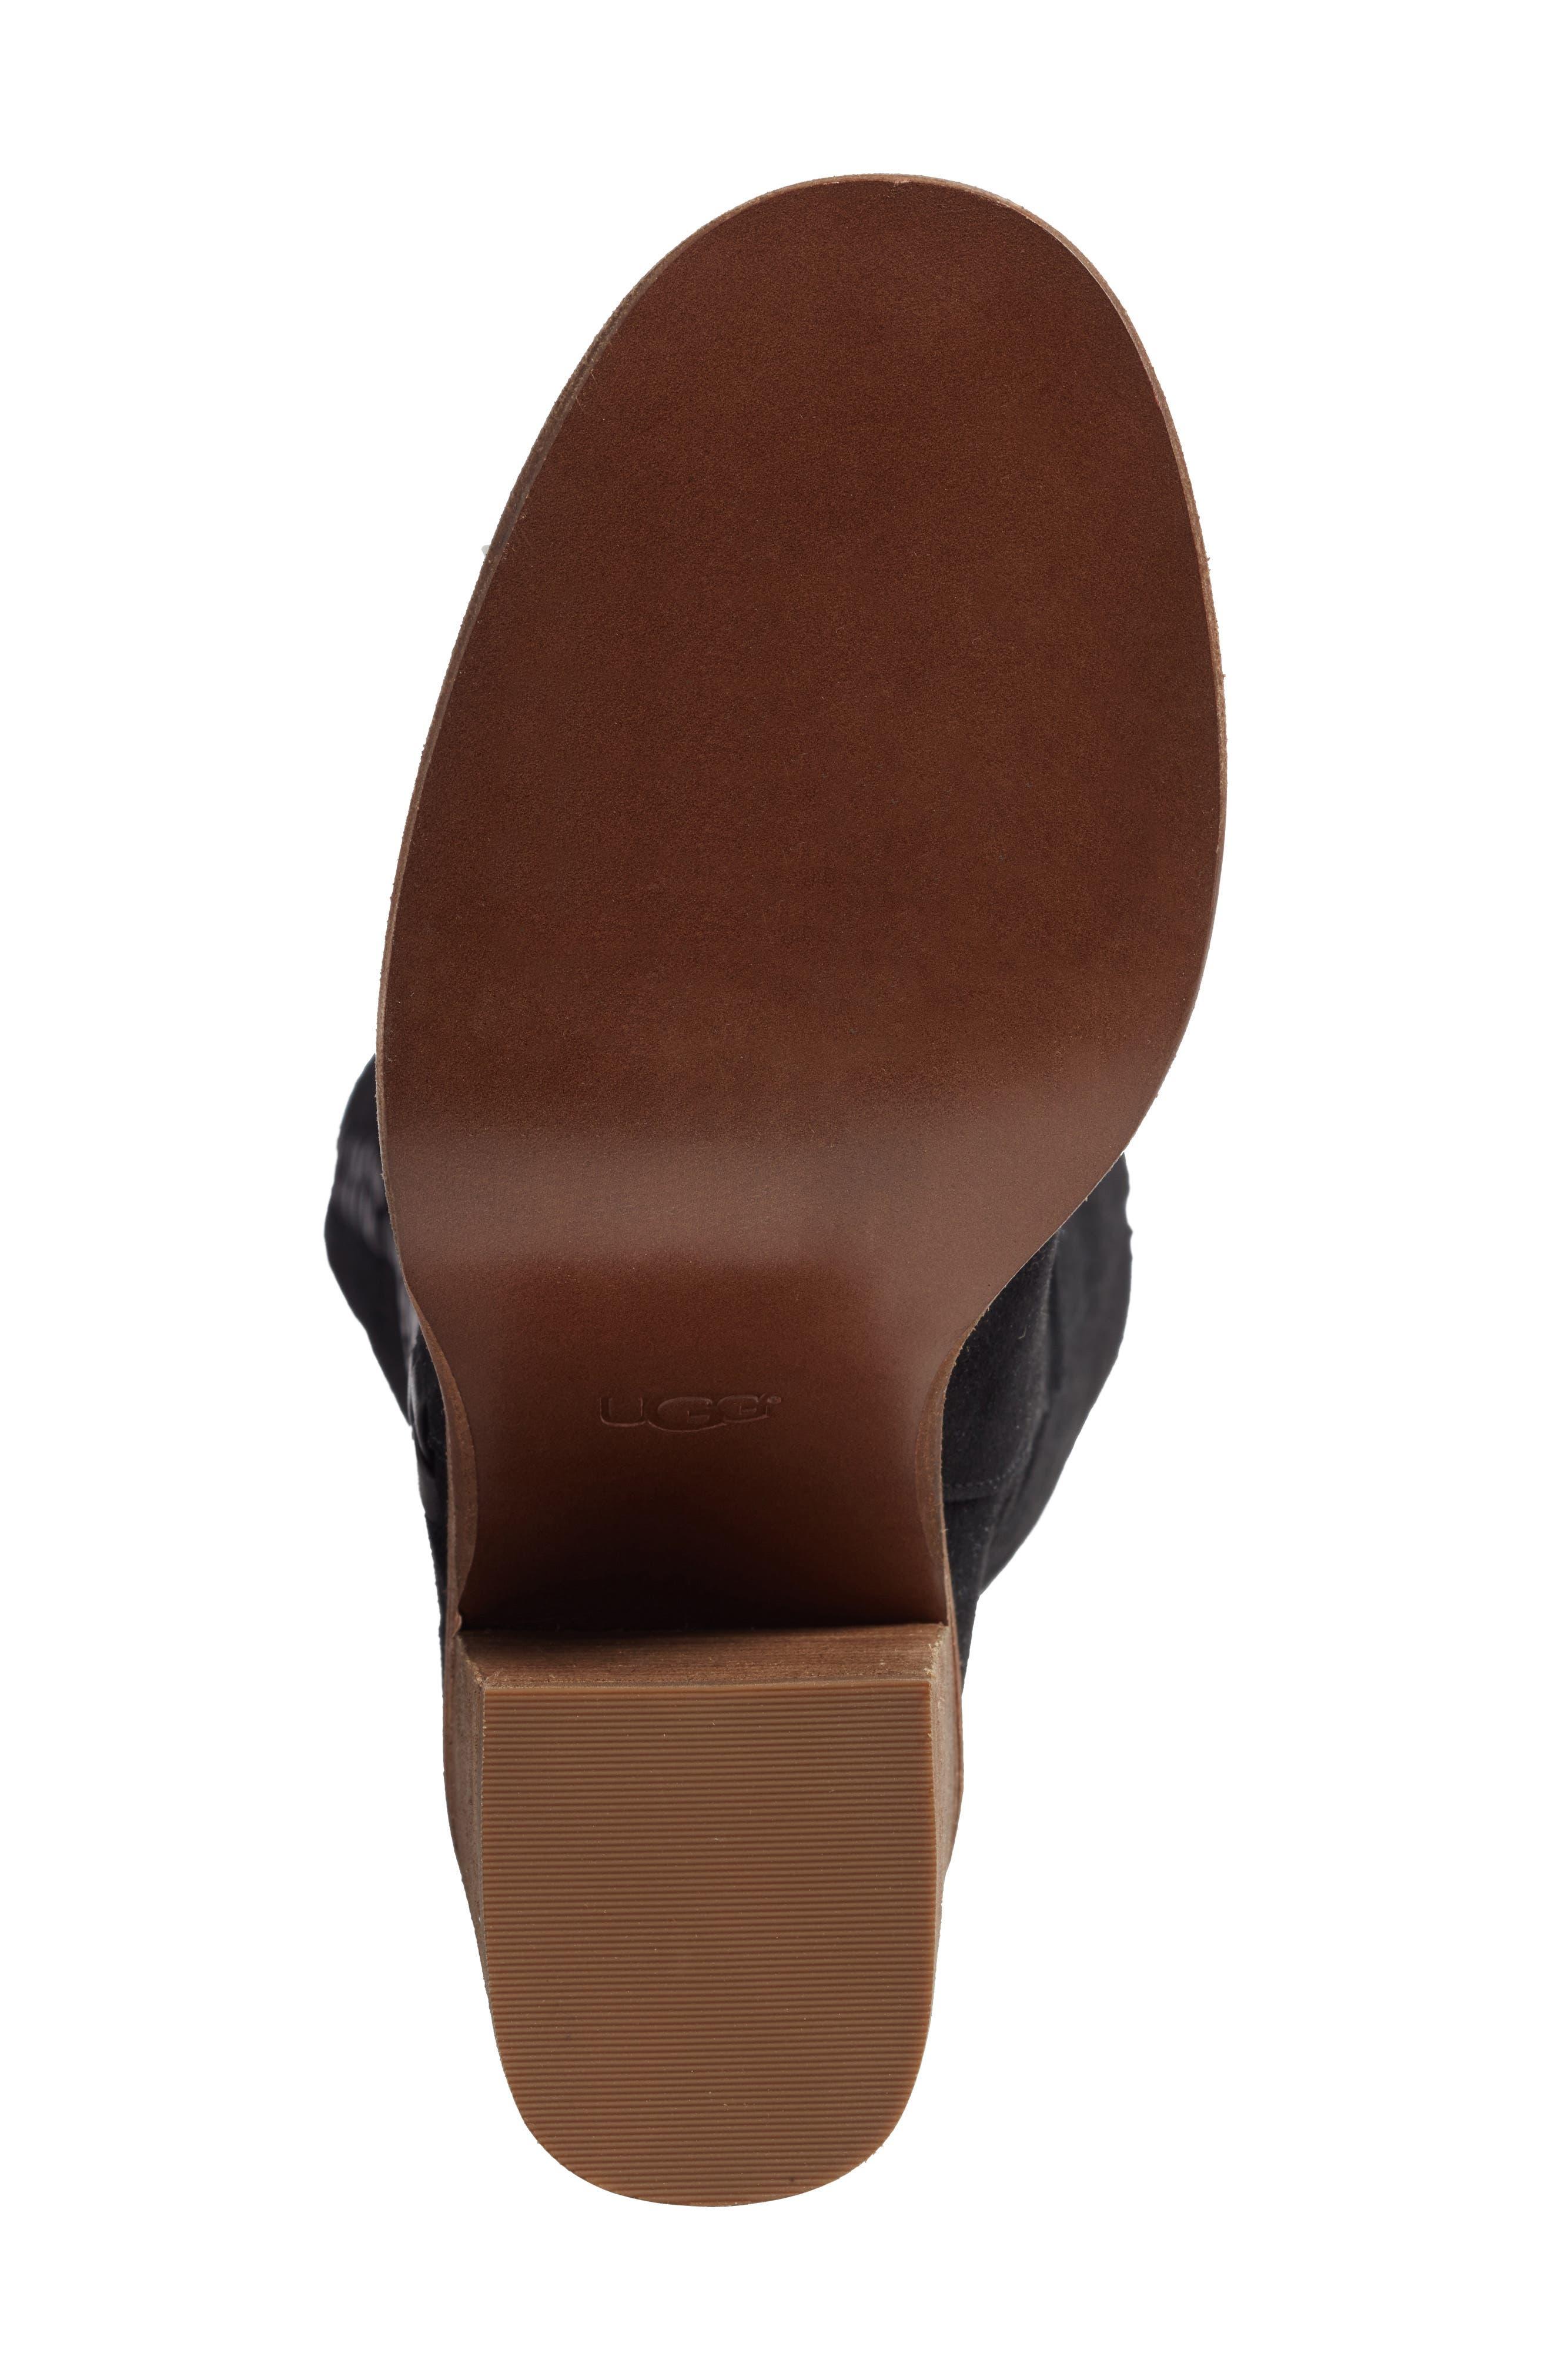 Maeva Knee High Boot,                             Alternate thumbnail 6, color,                             001